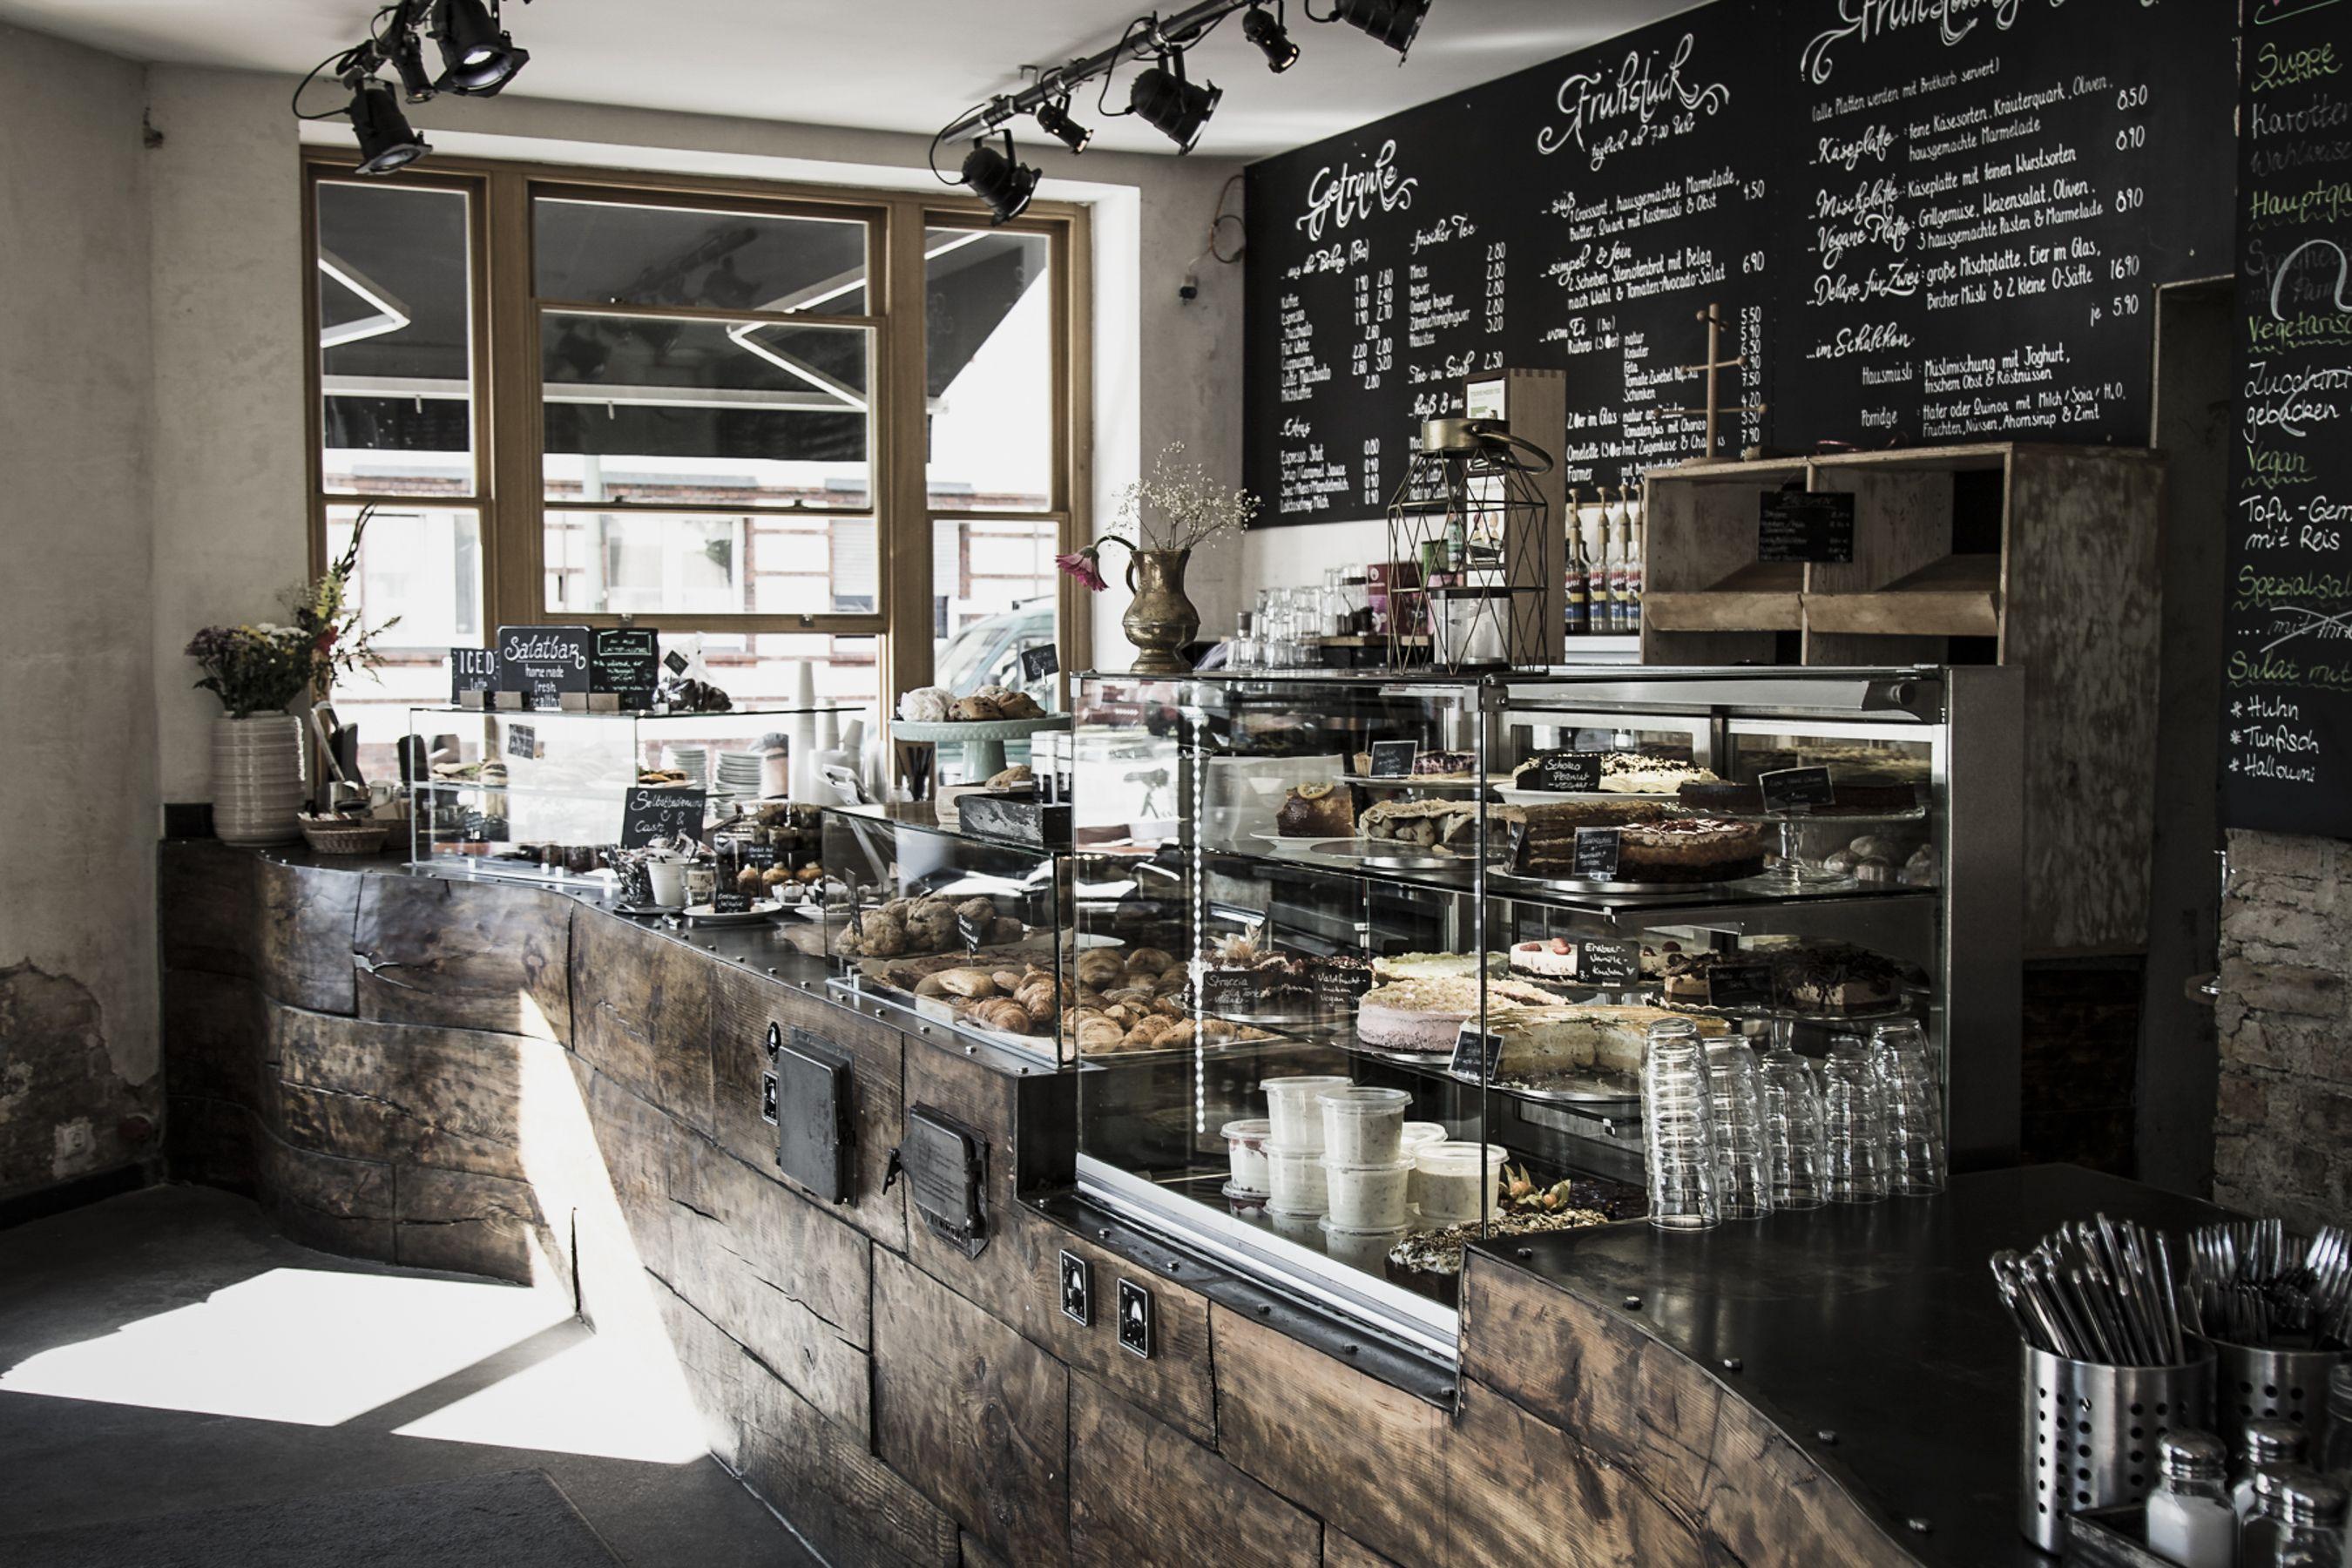 Nah am Wasser Café Knesebeckstr. Charlottenburg Berlin